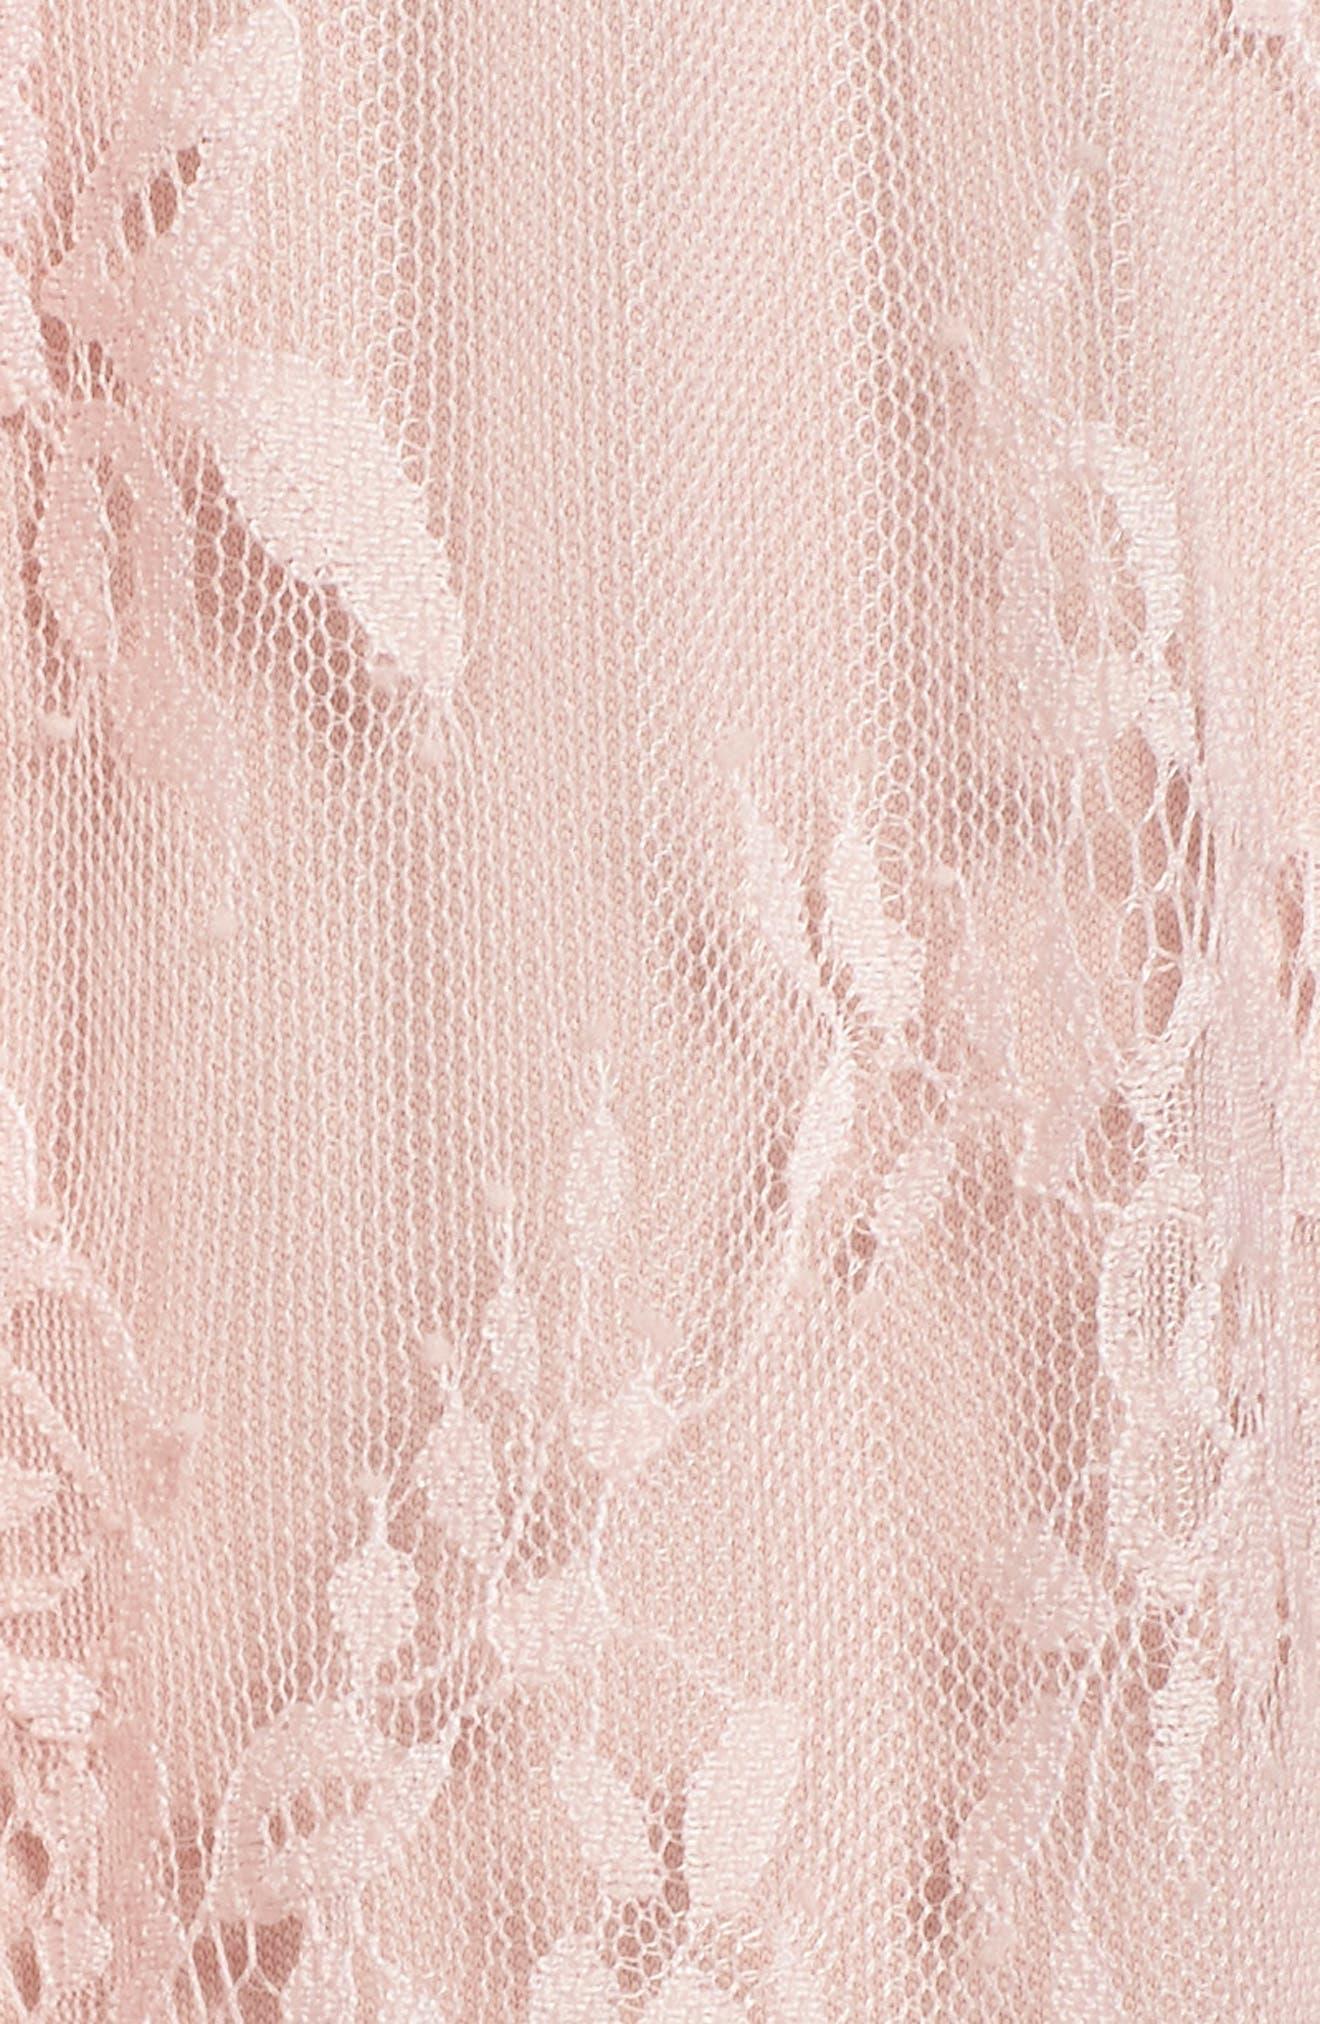 Eloise Halter Neck Lace Gown,                             Alternate thumbnail 5, color,                             Rose Quartz